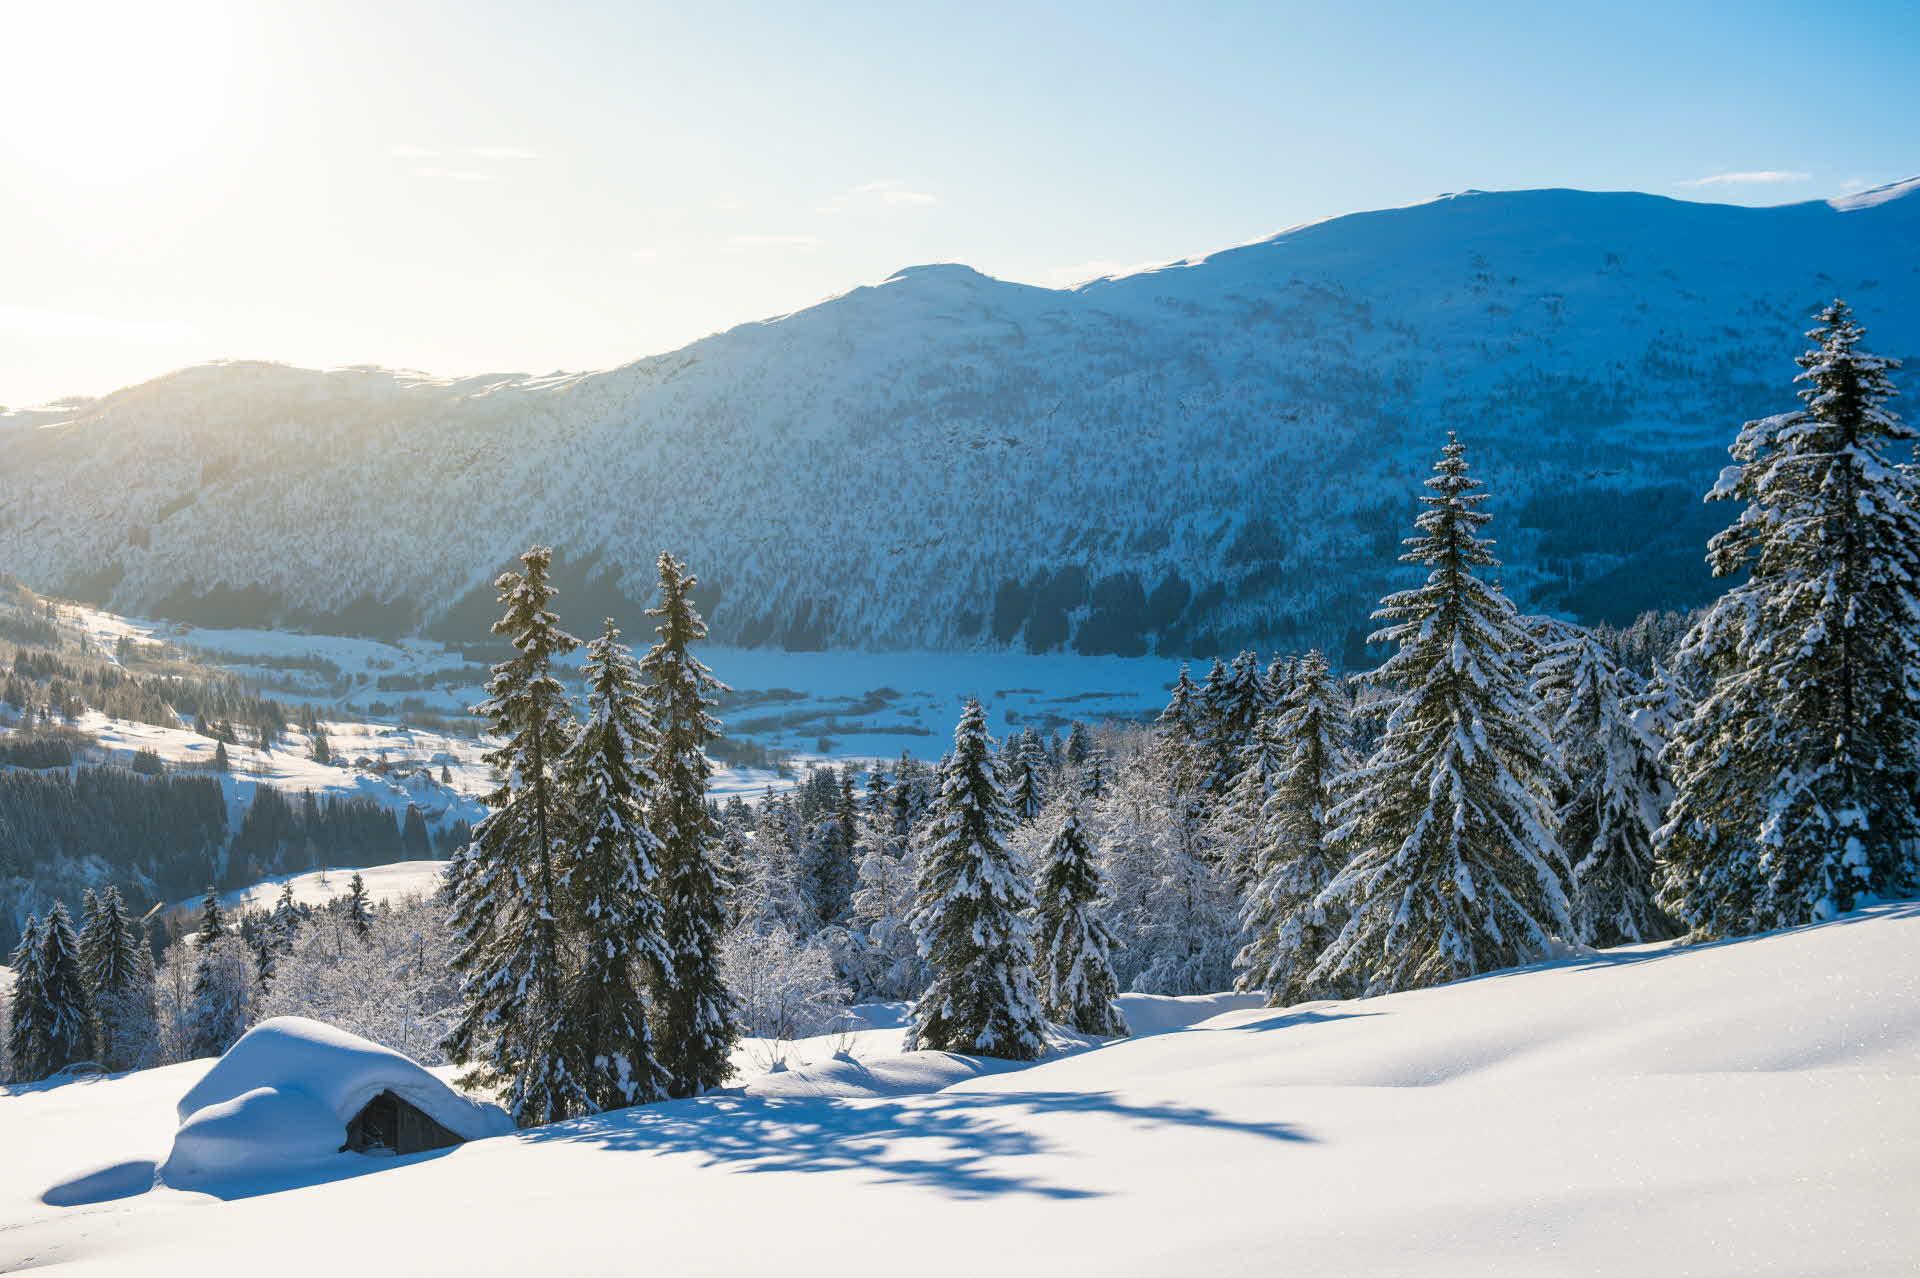 Myrkdalen i vinterdrakt med snøkledd løe, trær og vann